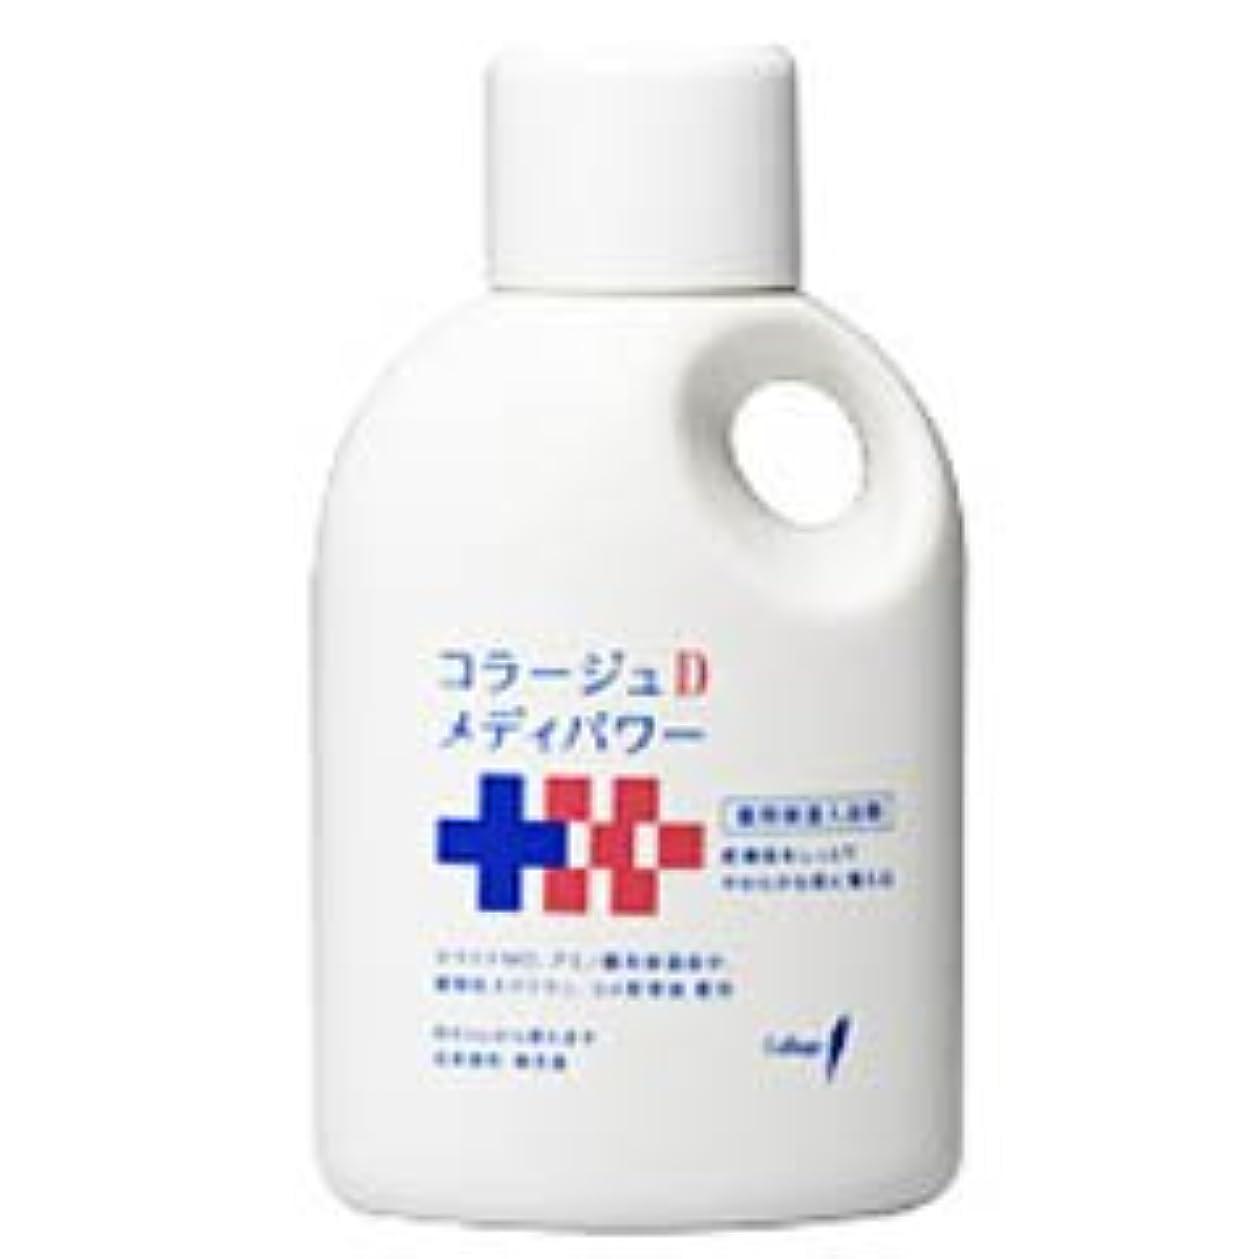 深遠批判ネット【持田ヘルスケア】コラージュD メディパワー 保湿入浴液 500ml